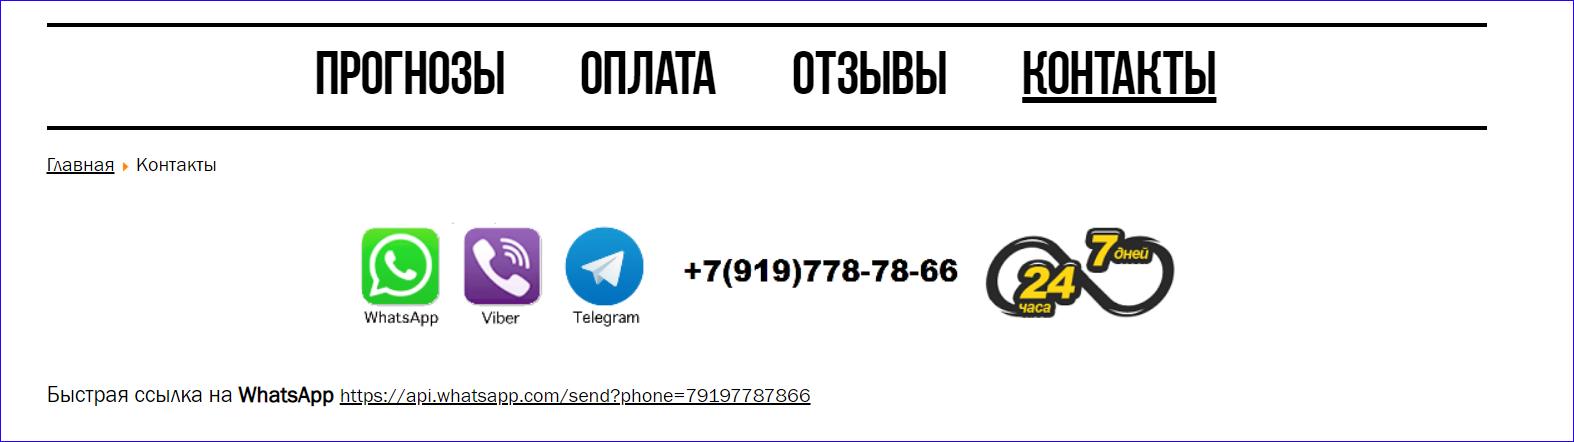 Контакты для связи с администрацией